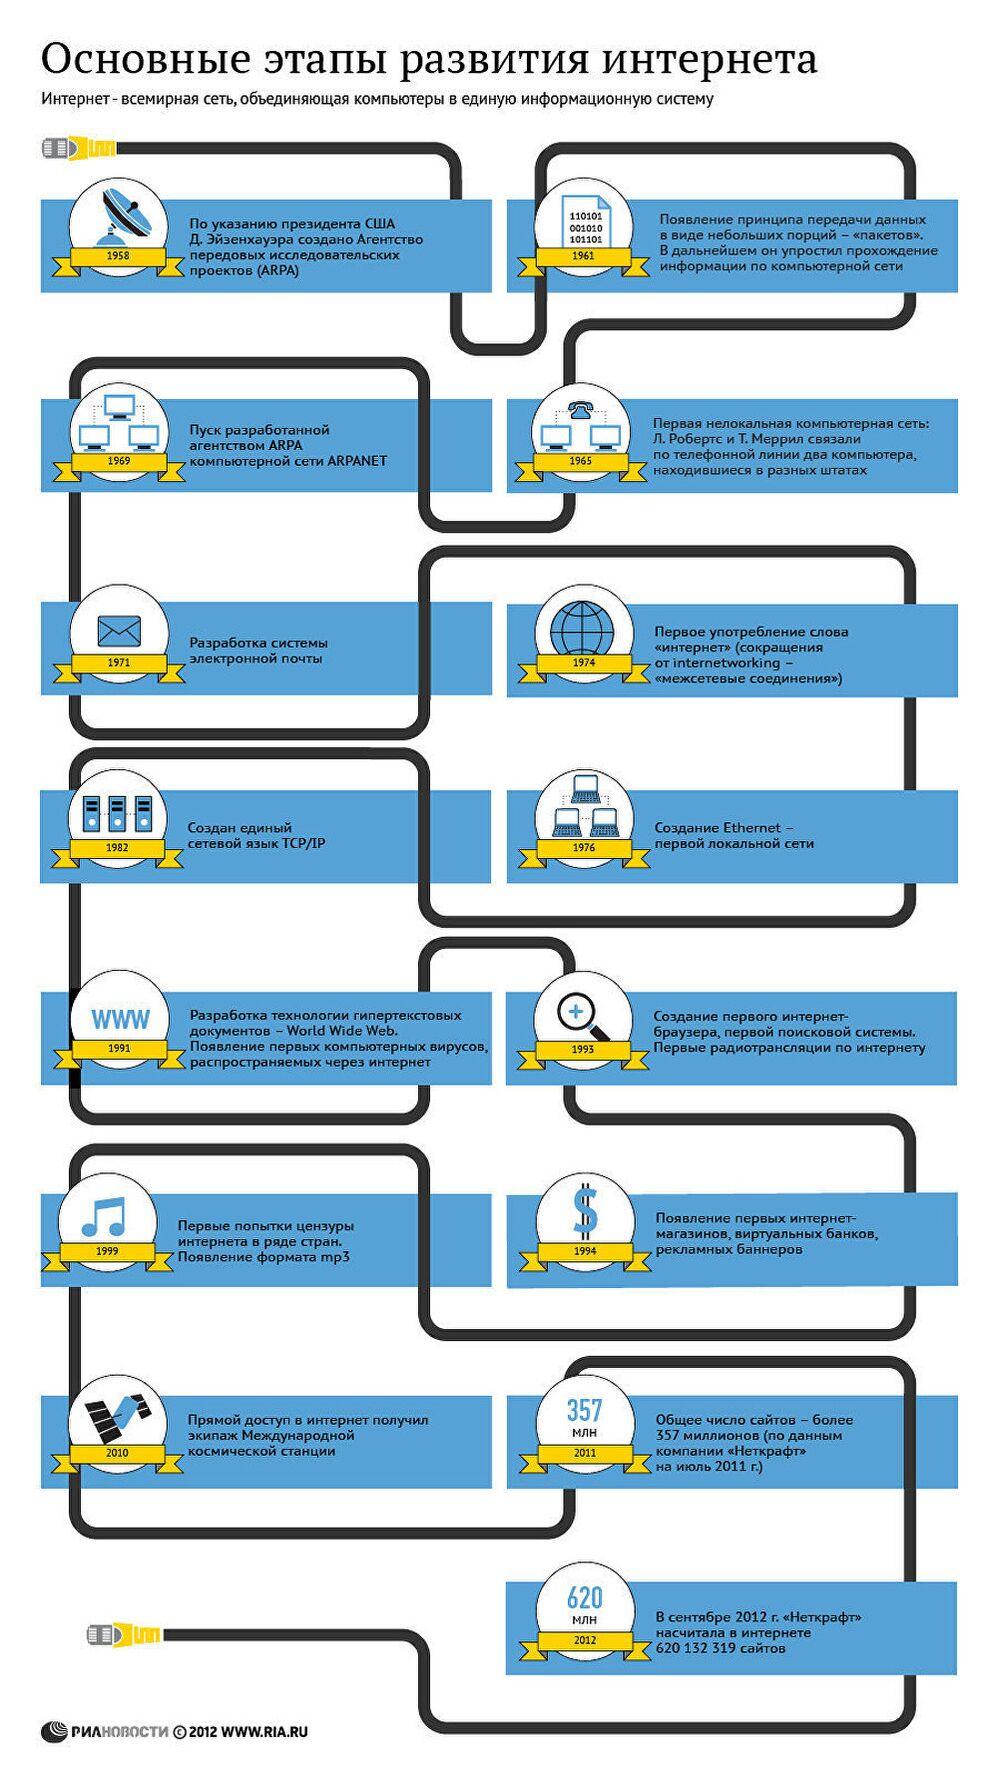 Основные этапы развития интернета